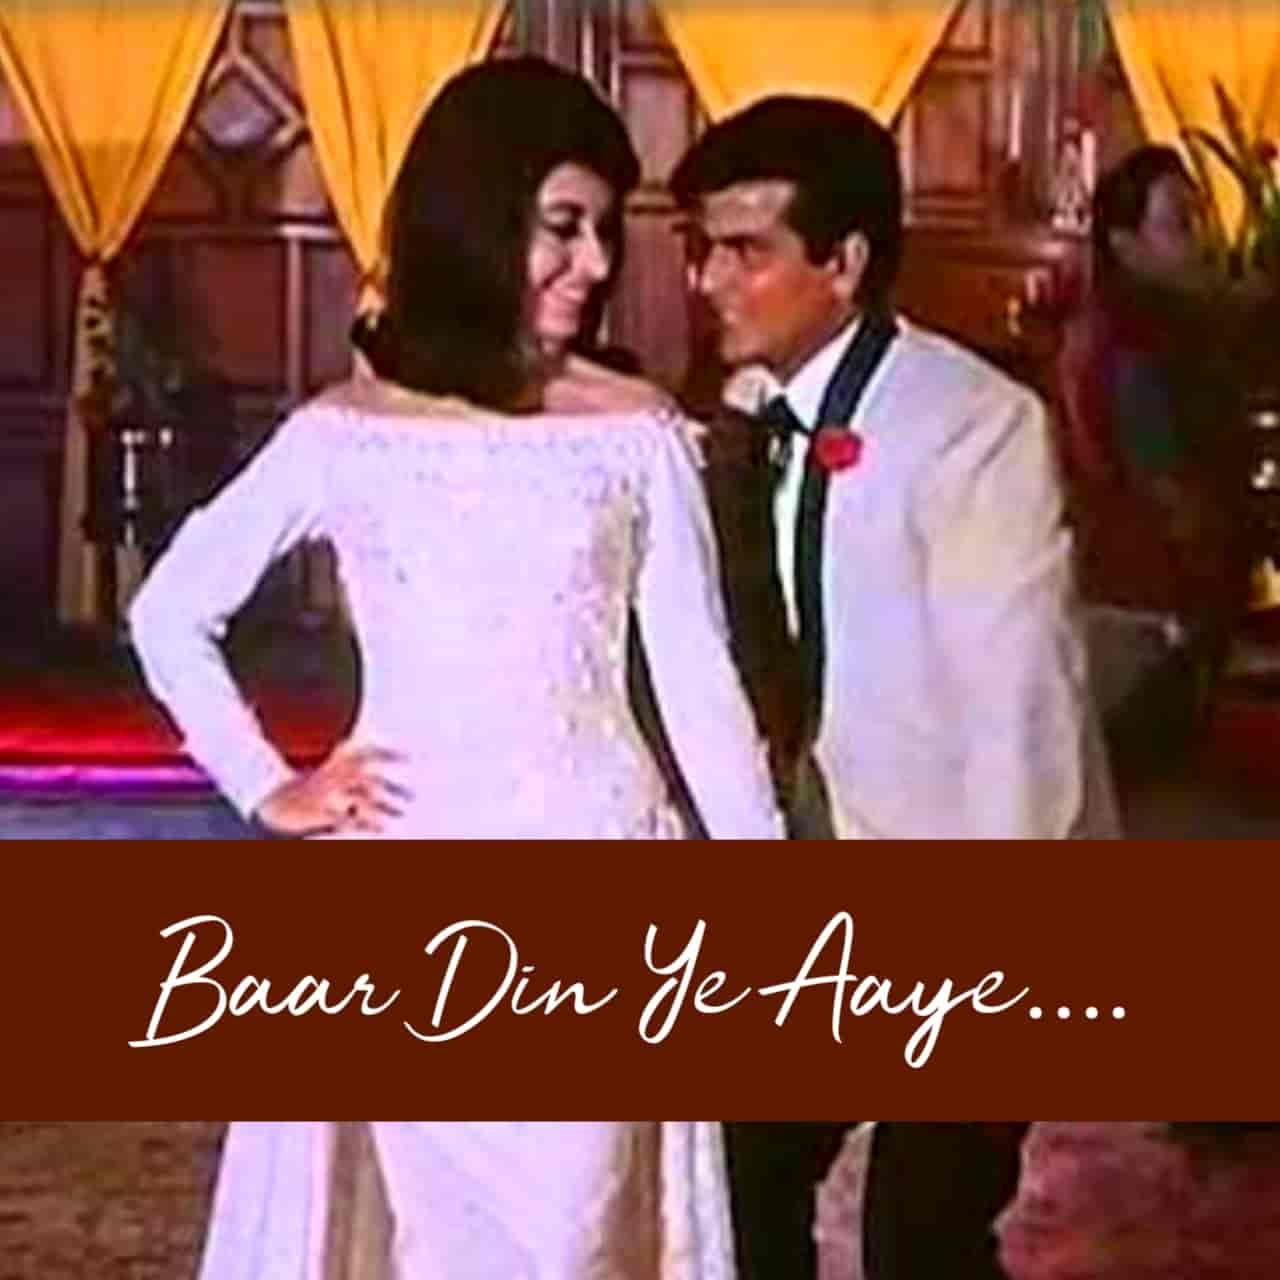 Baar baar din ye aaye hindi birthday song lyrics, Sung By Mohammad Rafi.